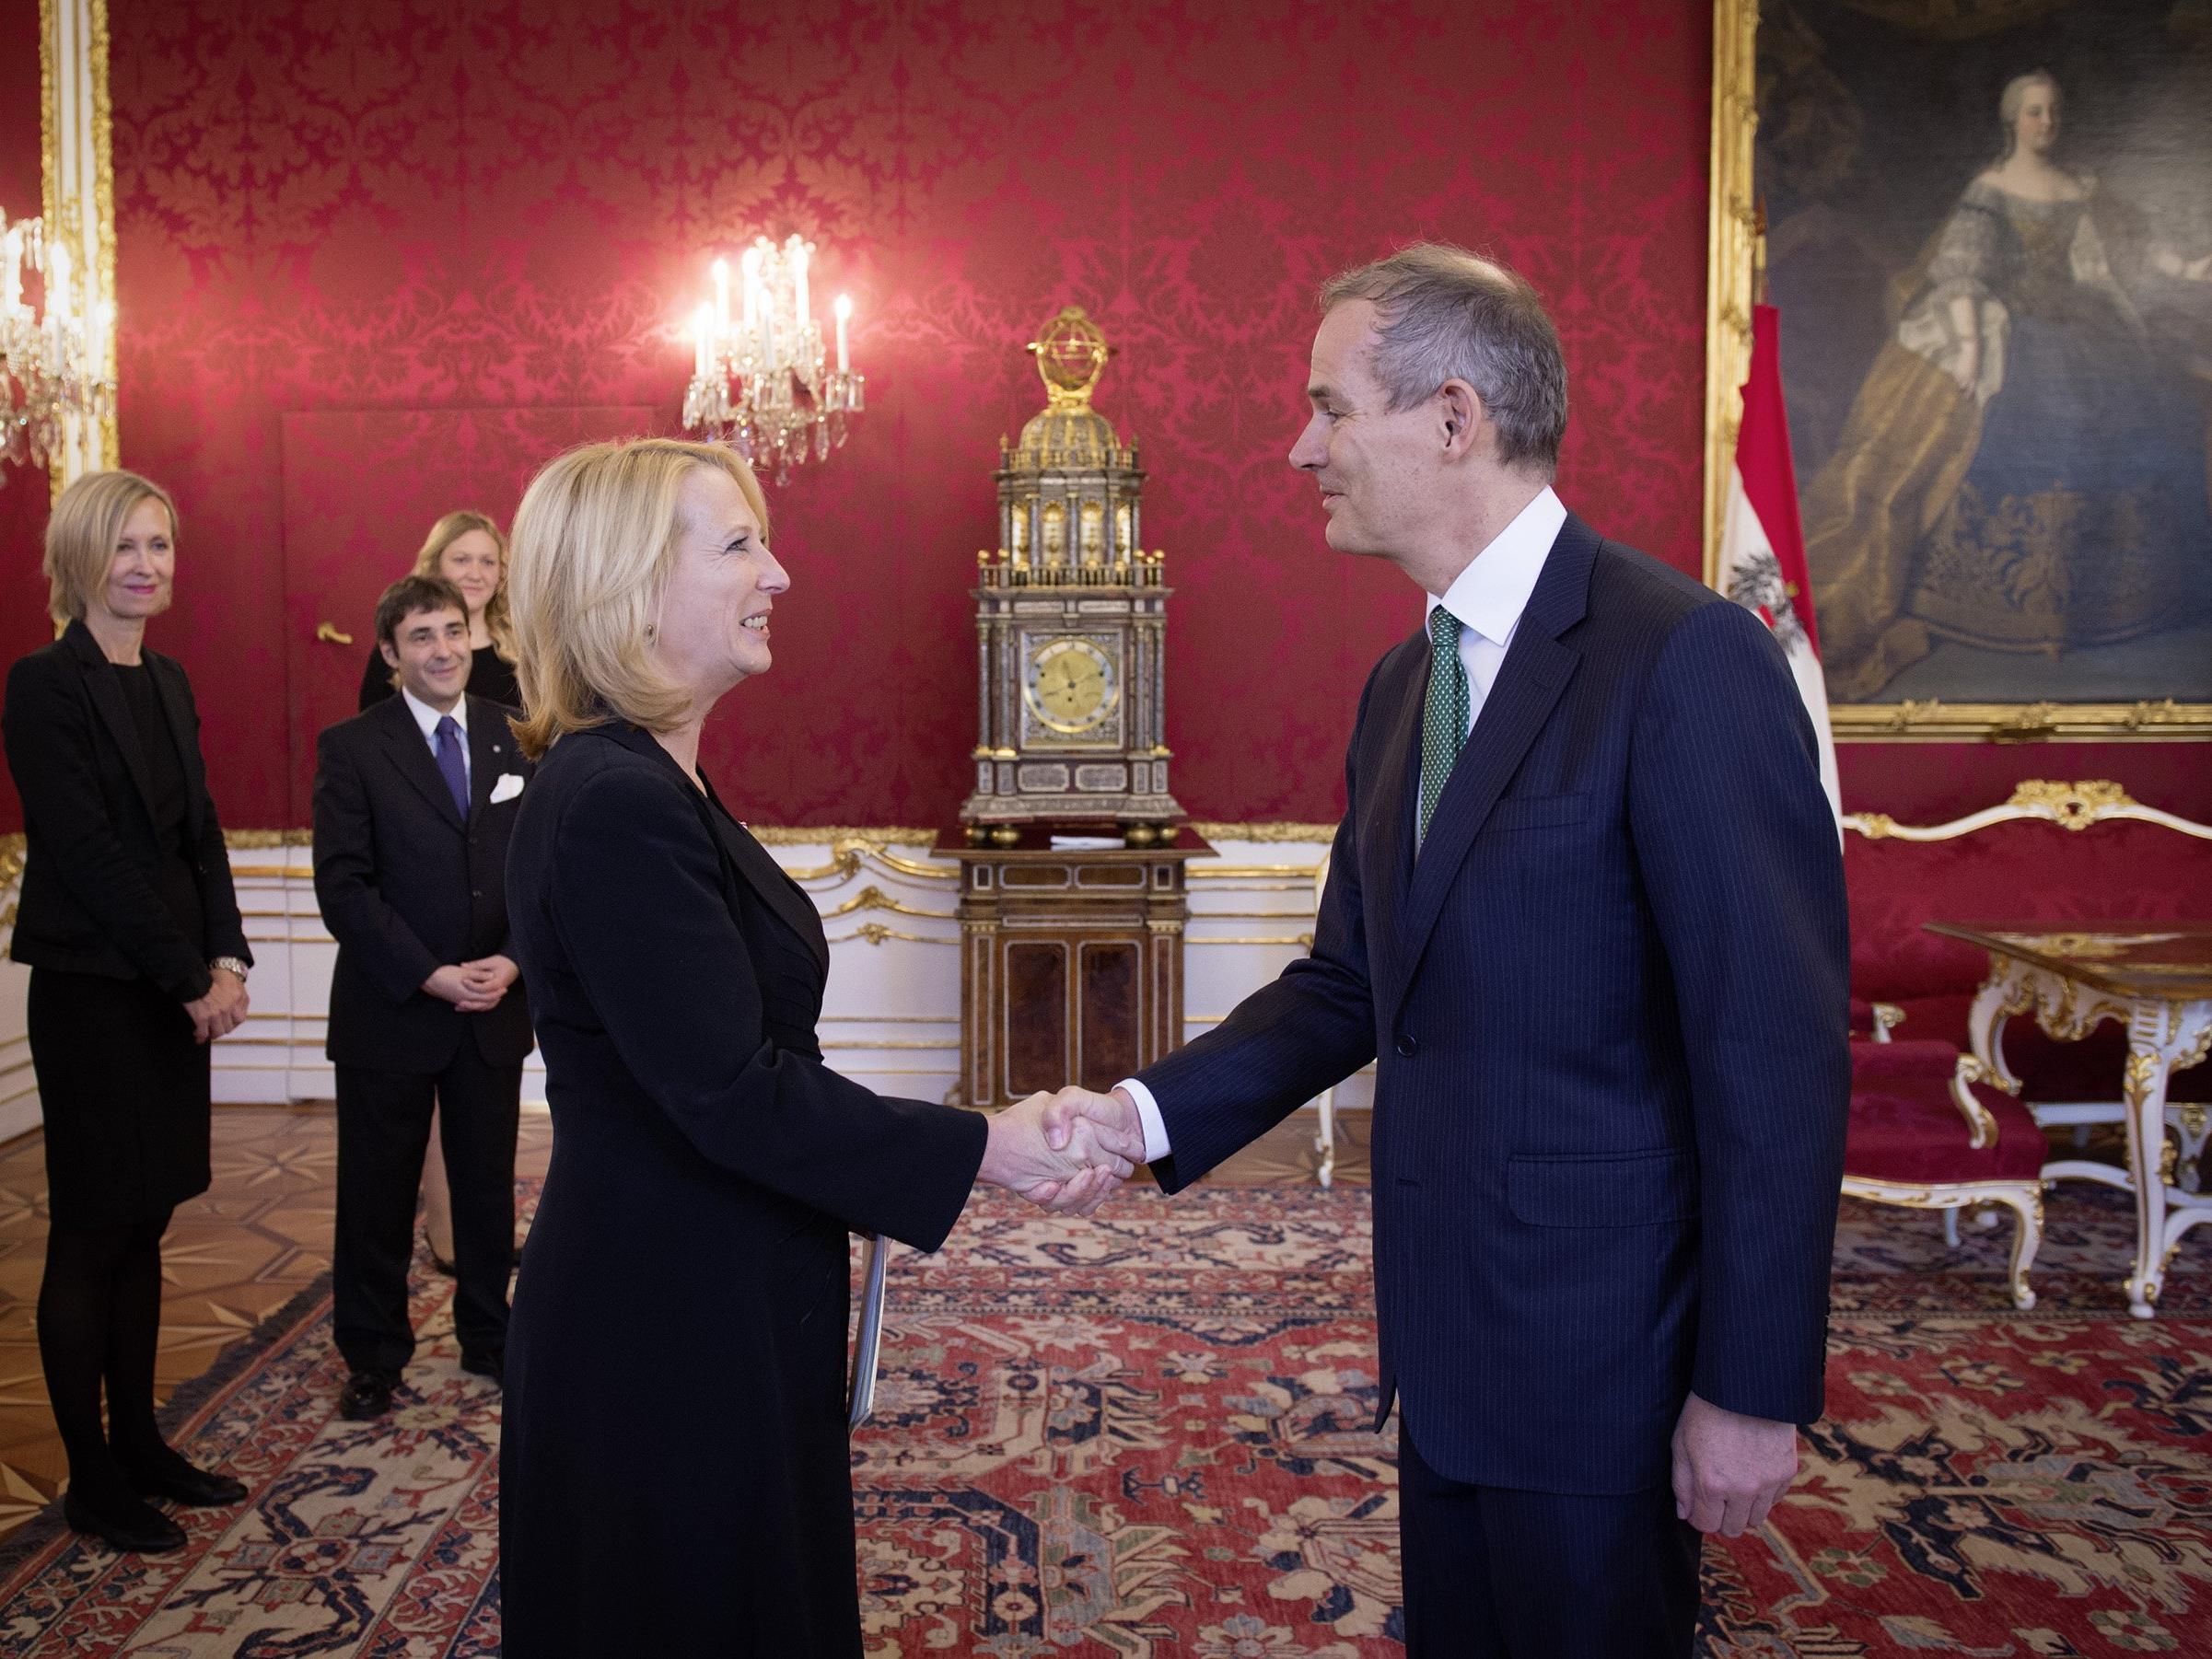 Nationalratspräsidentin Doris Bures beim Empfang der neuen Botschafter in der Präsidentschaftskanzlei in Wien.